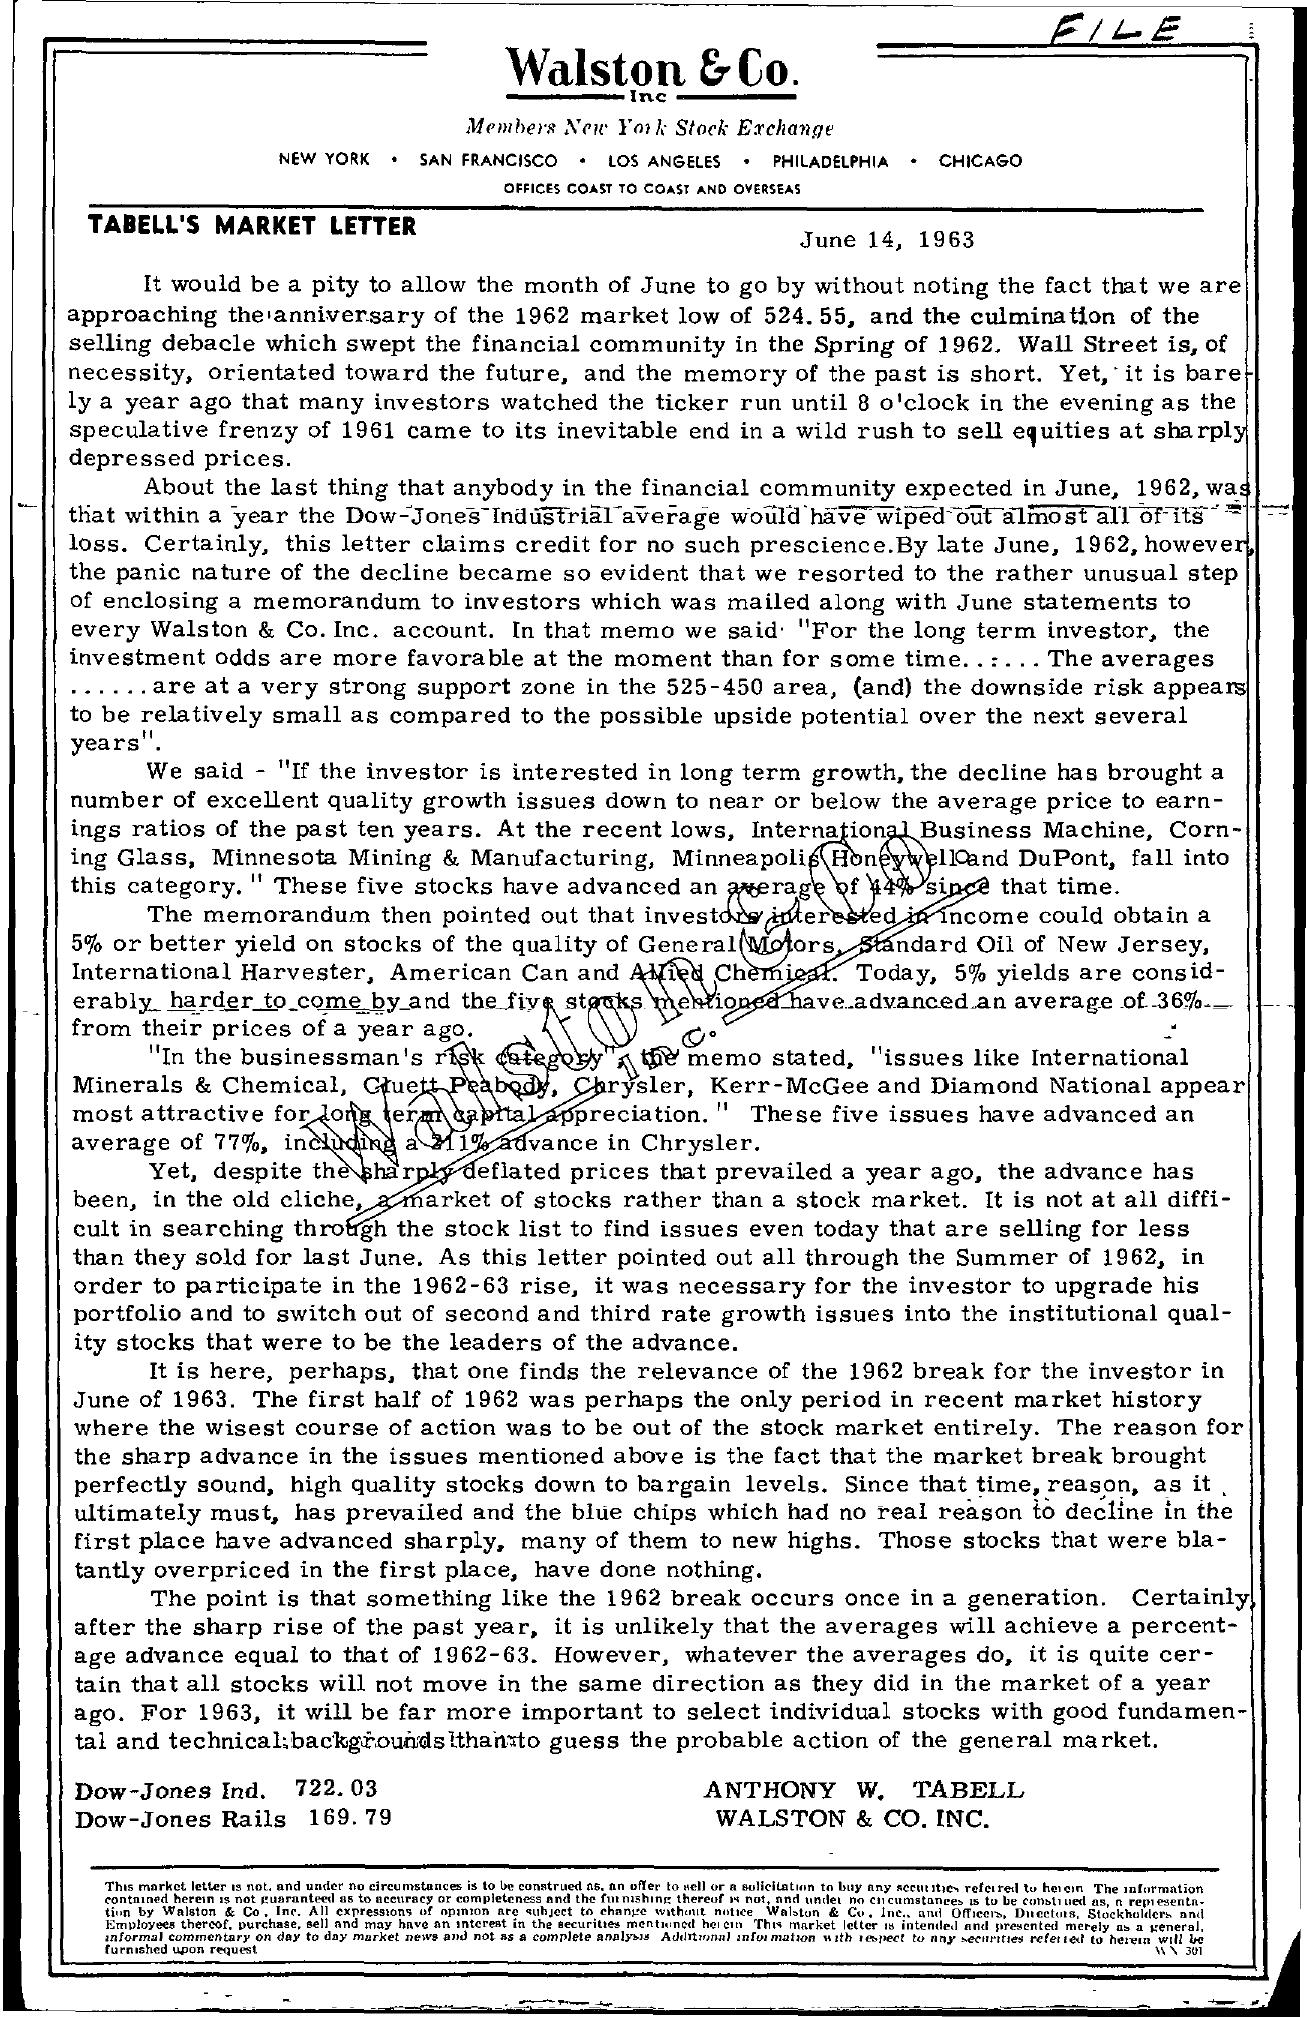 Tabell's Market Letter - June 14, 1963